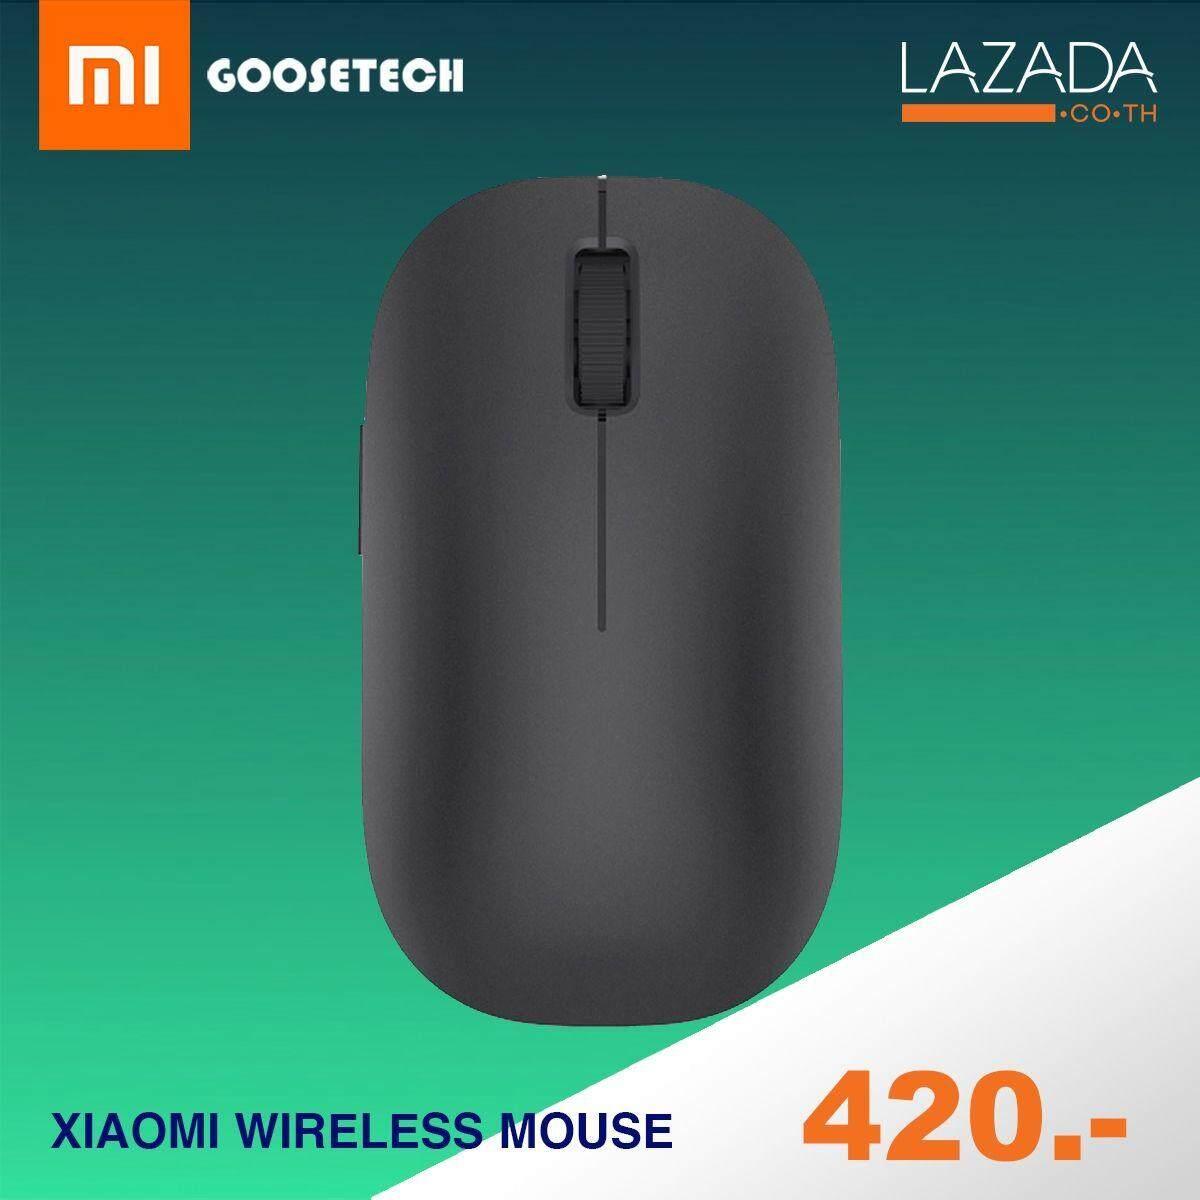 ซื้อ Xiaomi Mi Wireless Mouse เมาส์ไร้สายรองรับทุกสภาพพื้นผิว ถูก กรุงเทพมหานคร